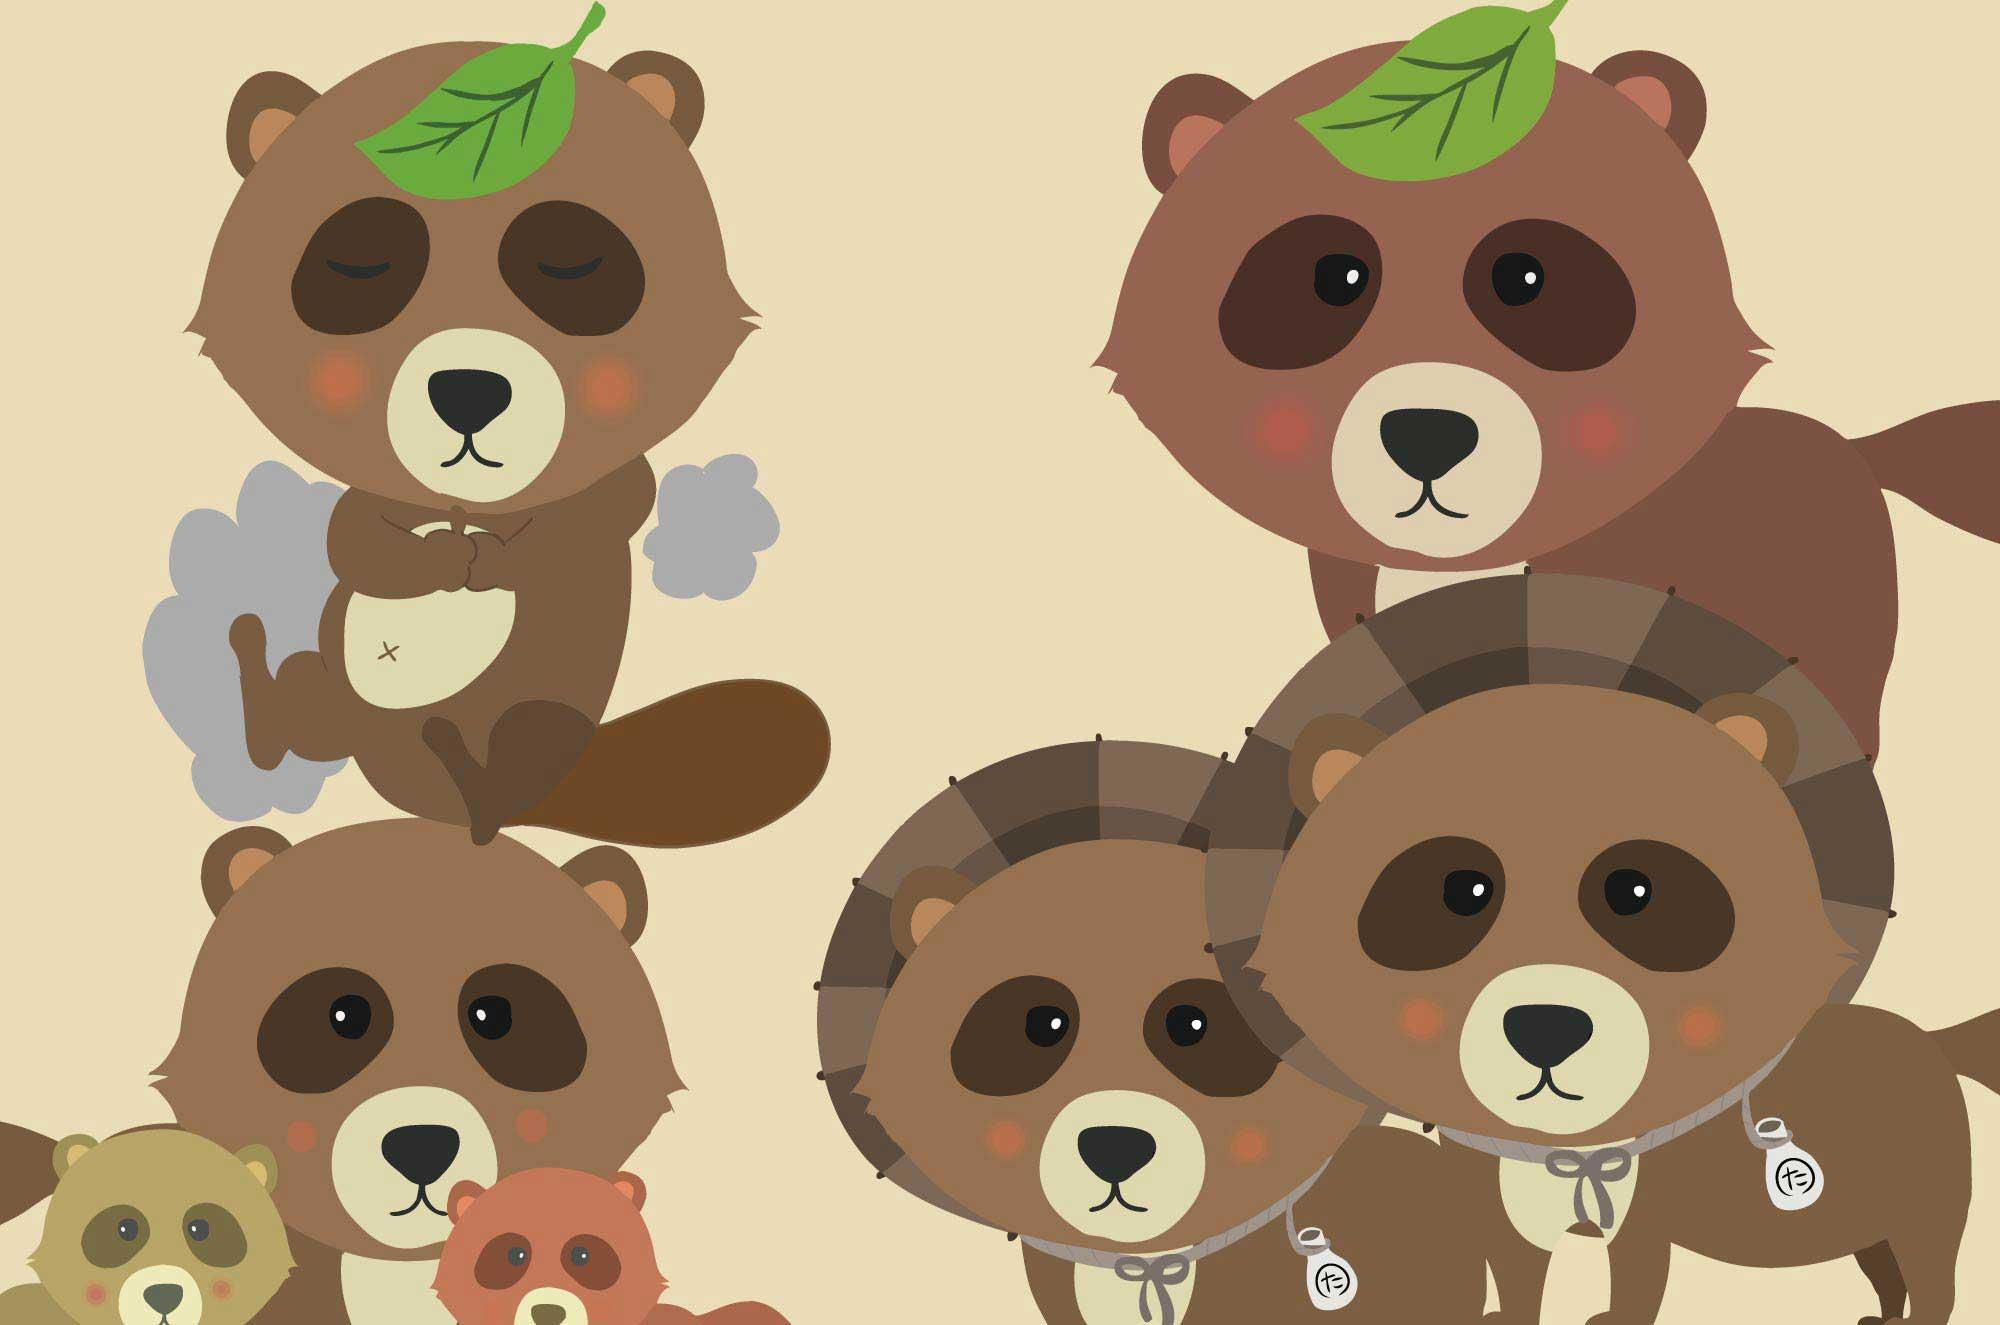 たぬきイラスト - 可愛いくて面白い表情の動物無料素材